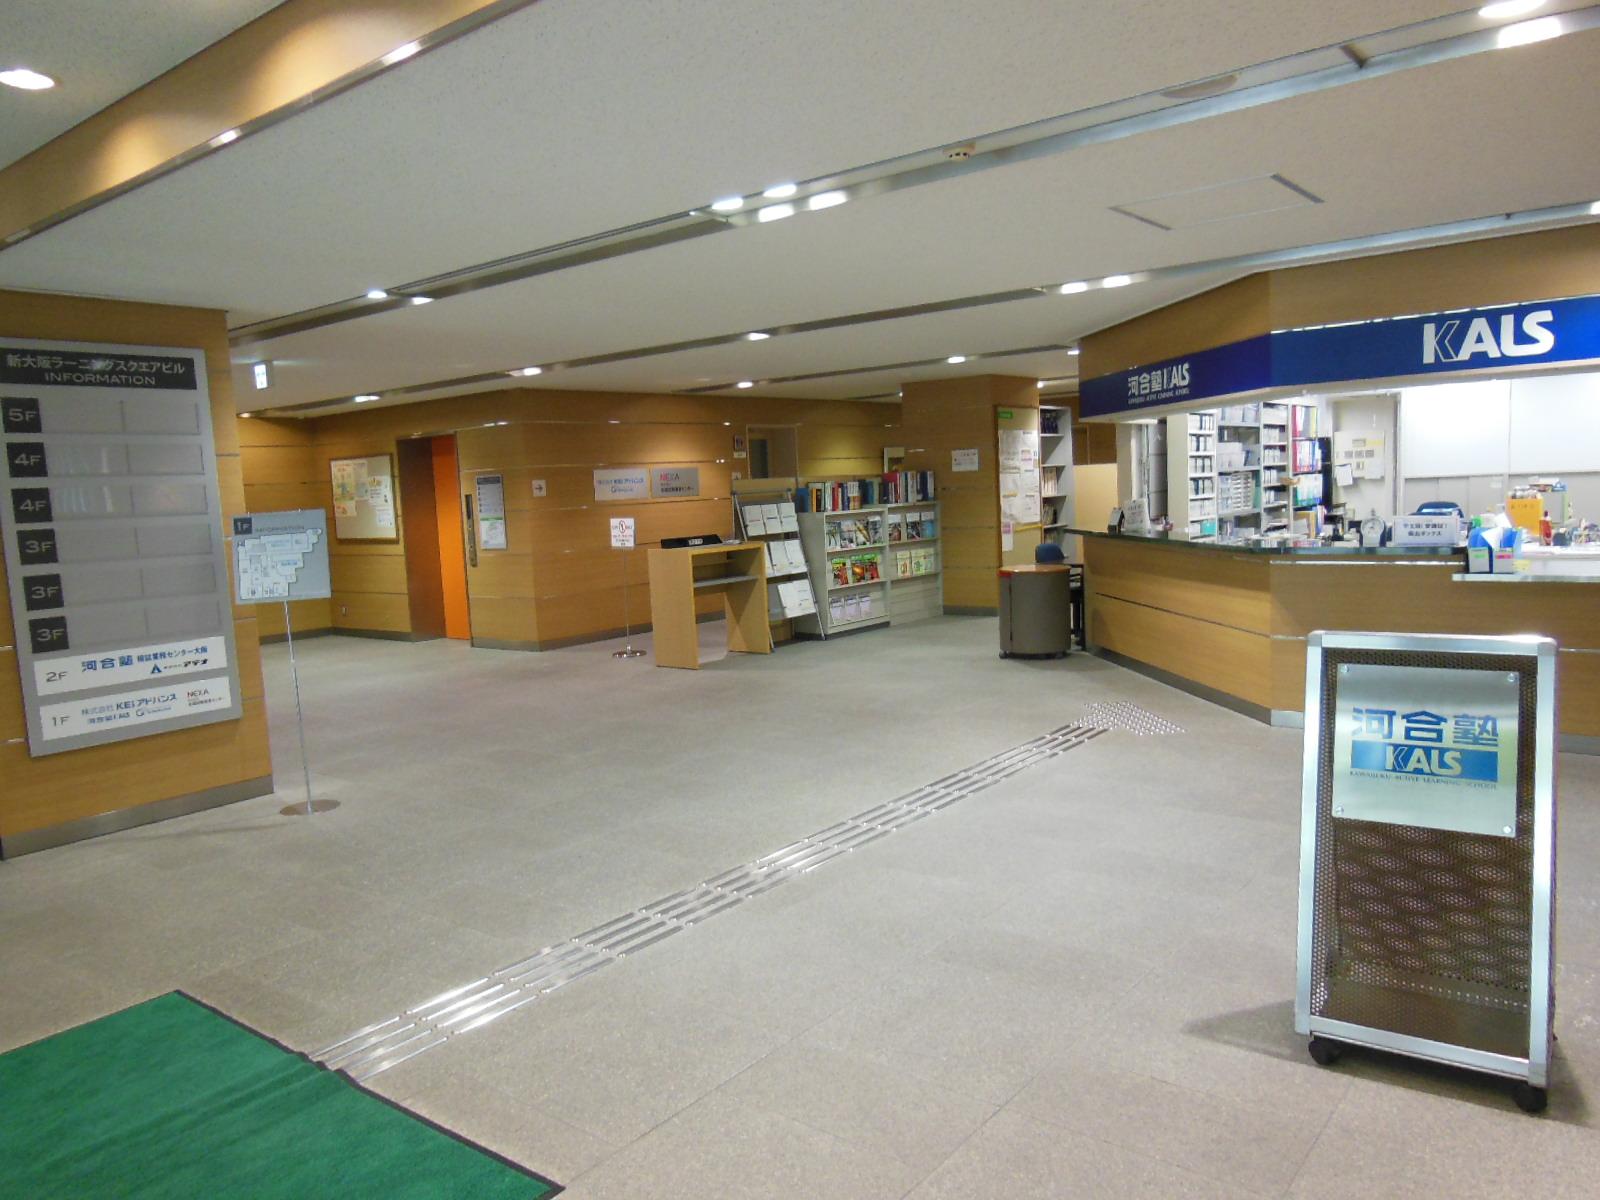 河合塾KALS新大阪校の窓口